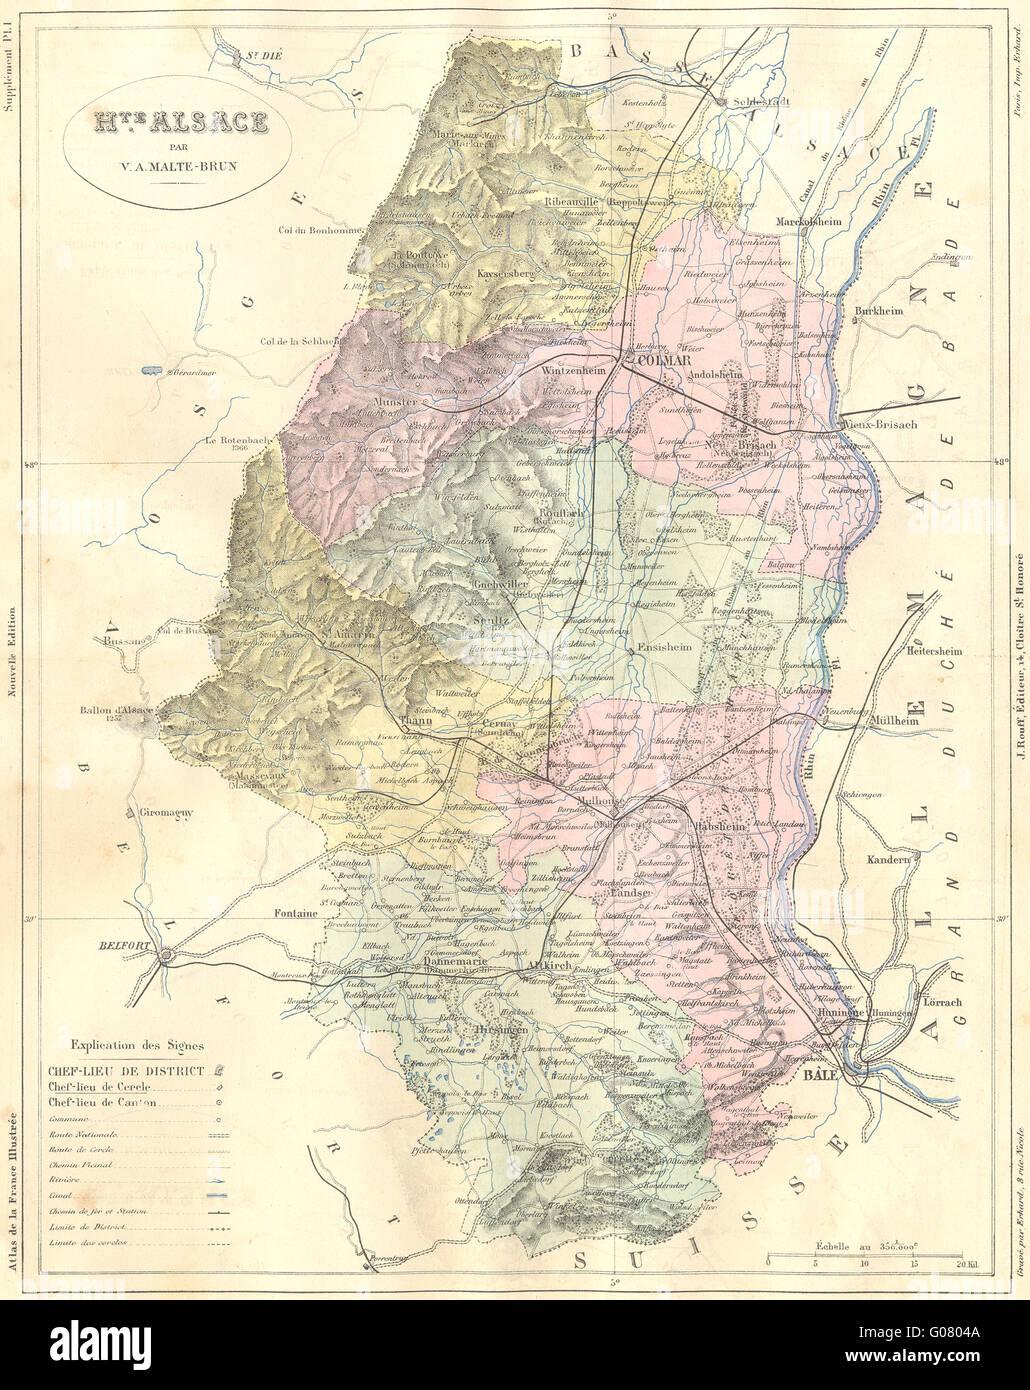 Carte Haute Alsace.Alsace Map Photos Alsace Map Images Alamy